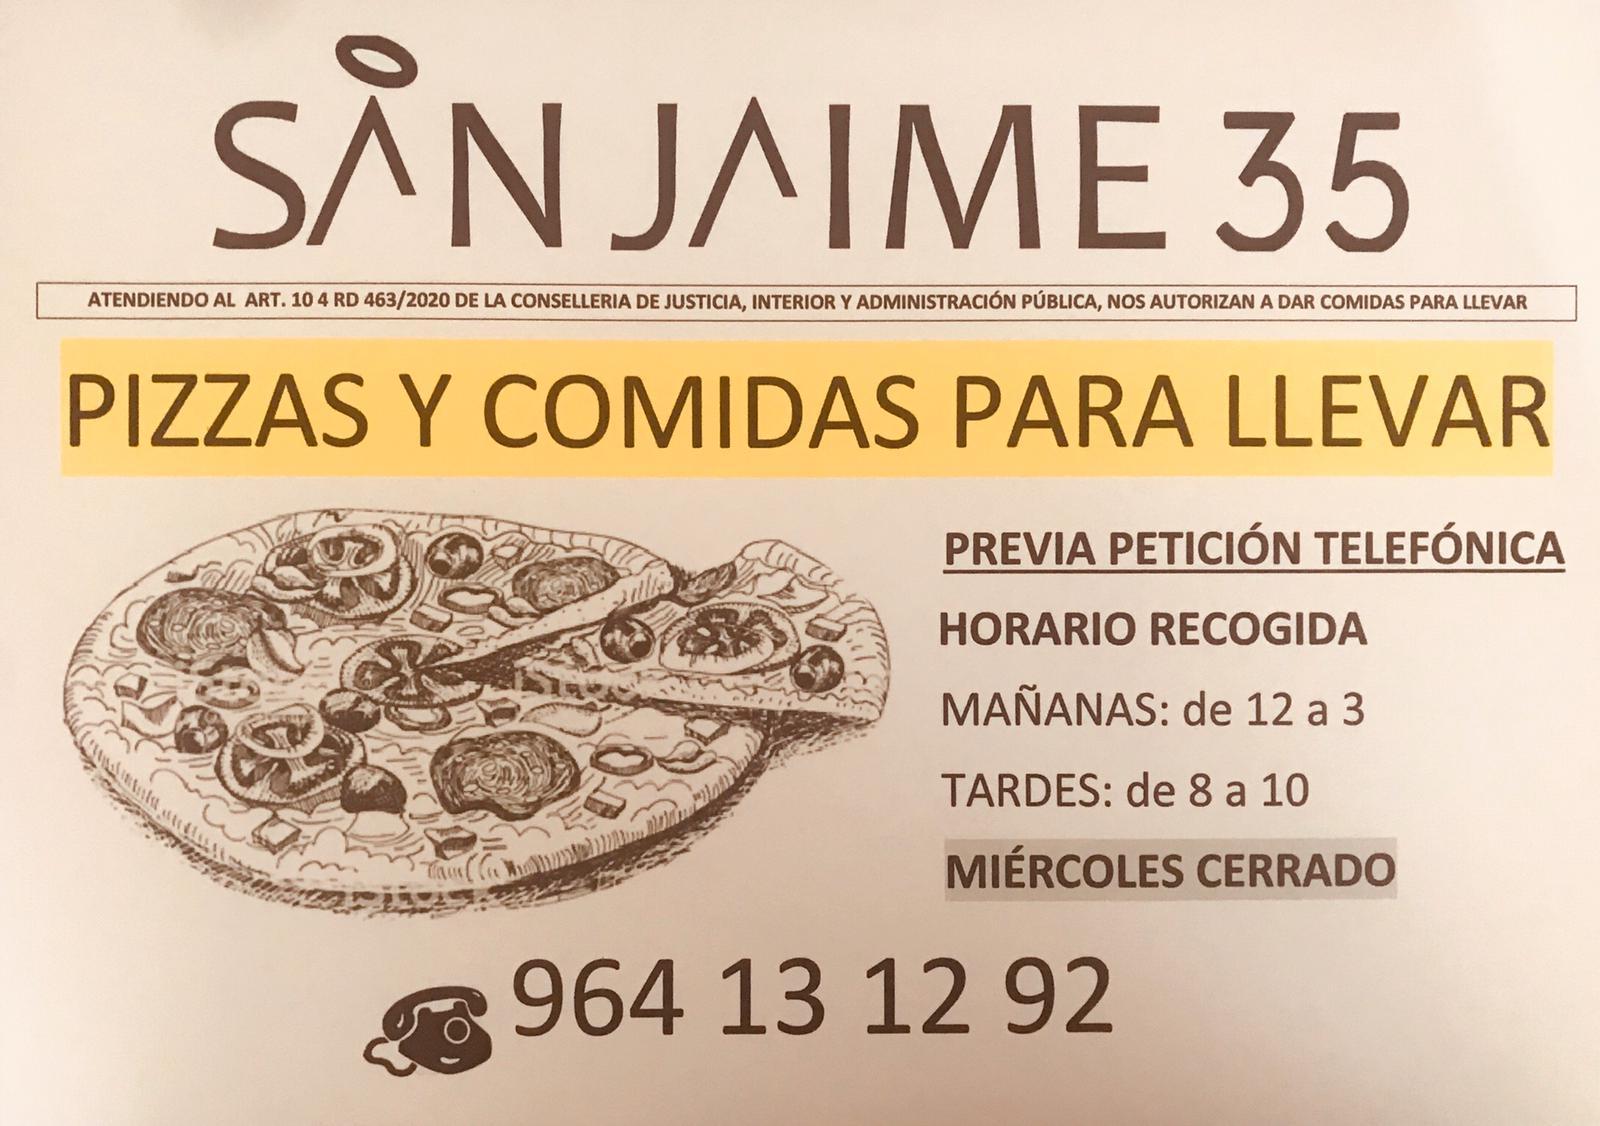 (Español) Pizzas y comidas para llevar en San Jaime 35